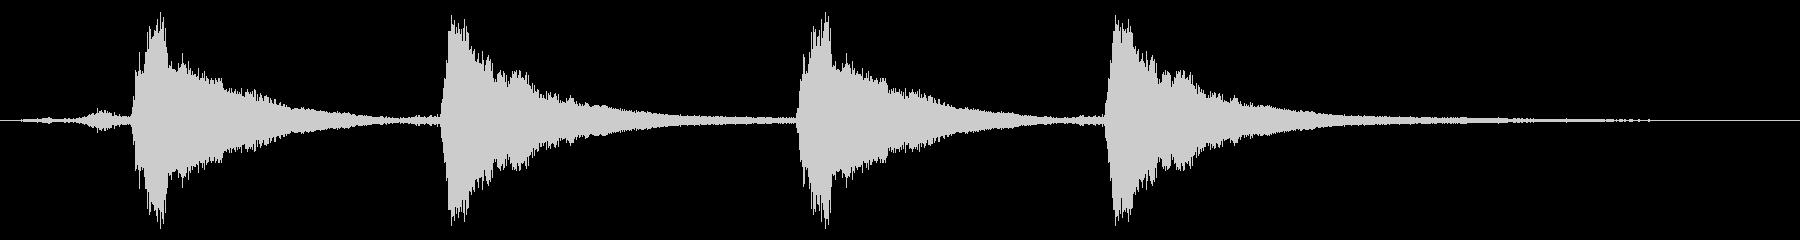 レプトン教会D#ベル:4つのリングの未再生の波形